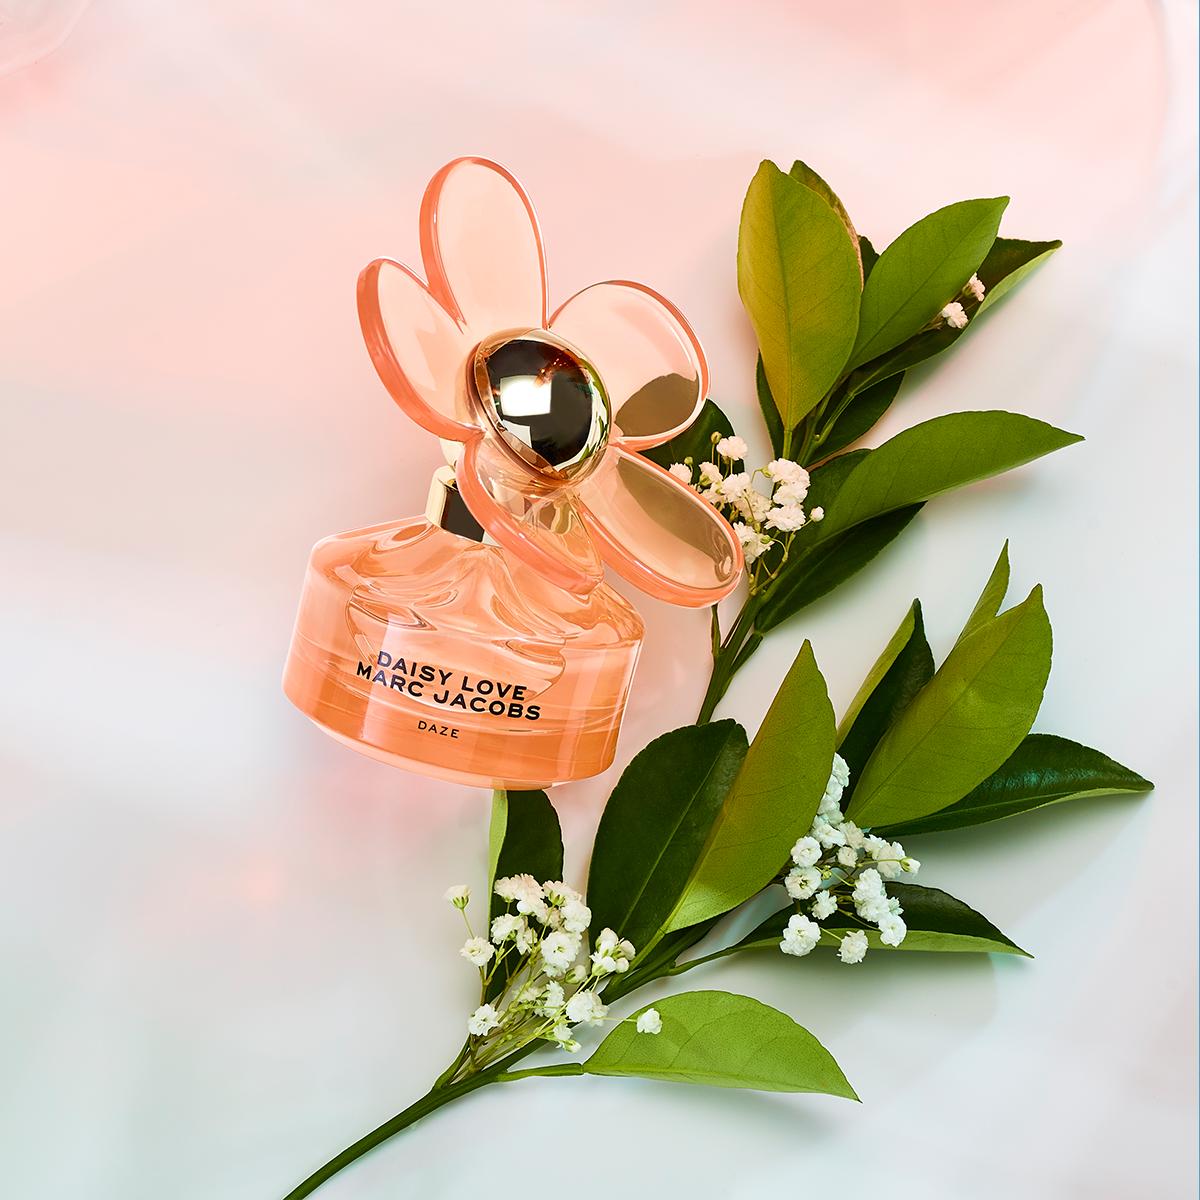 6 loại nước hoa ngọt ngào lại cực sang xịn, diện đi chơi Valentine thì chuẩn không cần chỉnh - Ảnh 9.